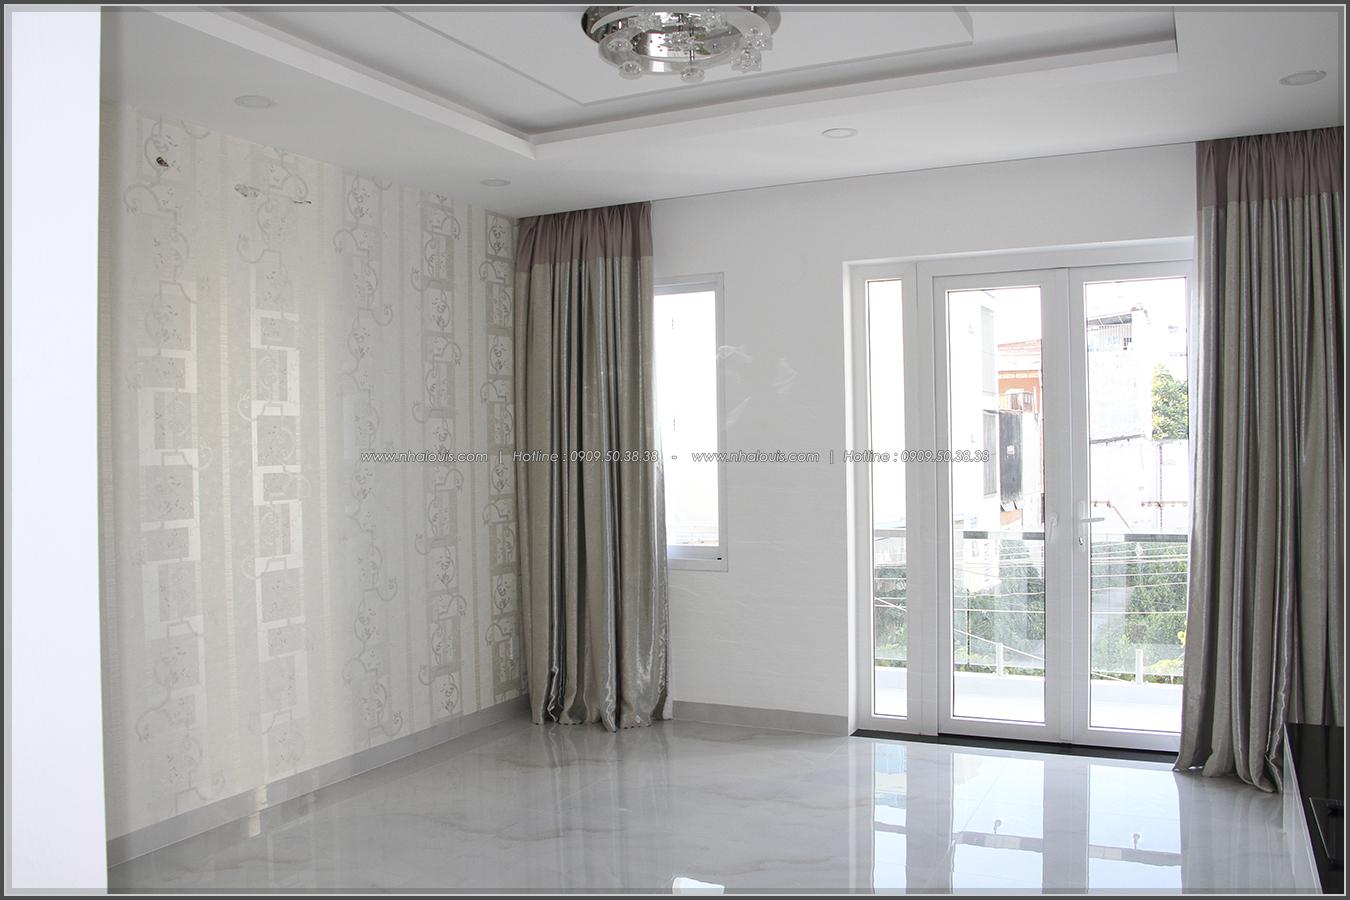 Ngắm nhìn nhà phố phong cách hiện đại 3 tầng tại Tân Phú